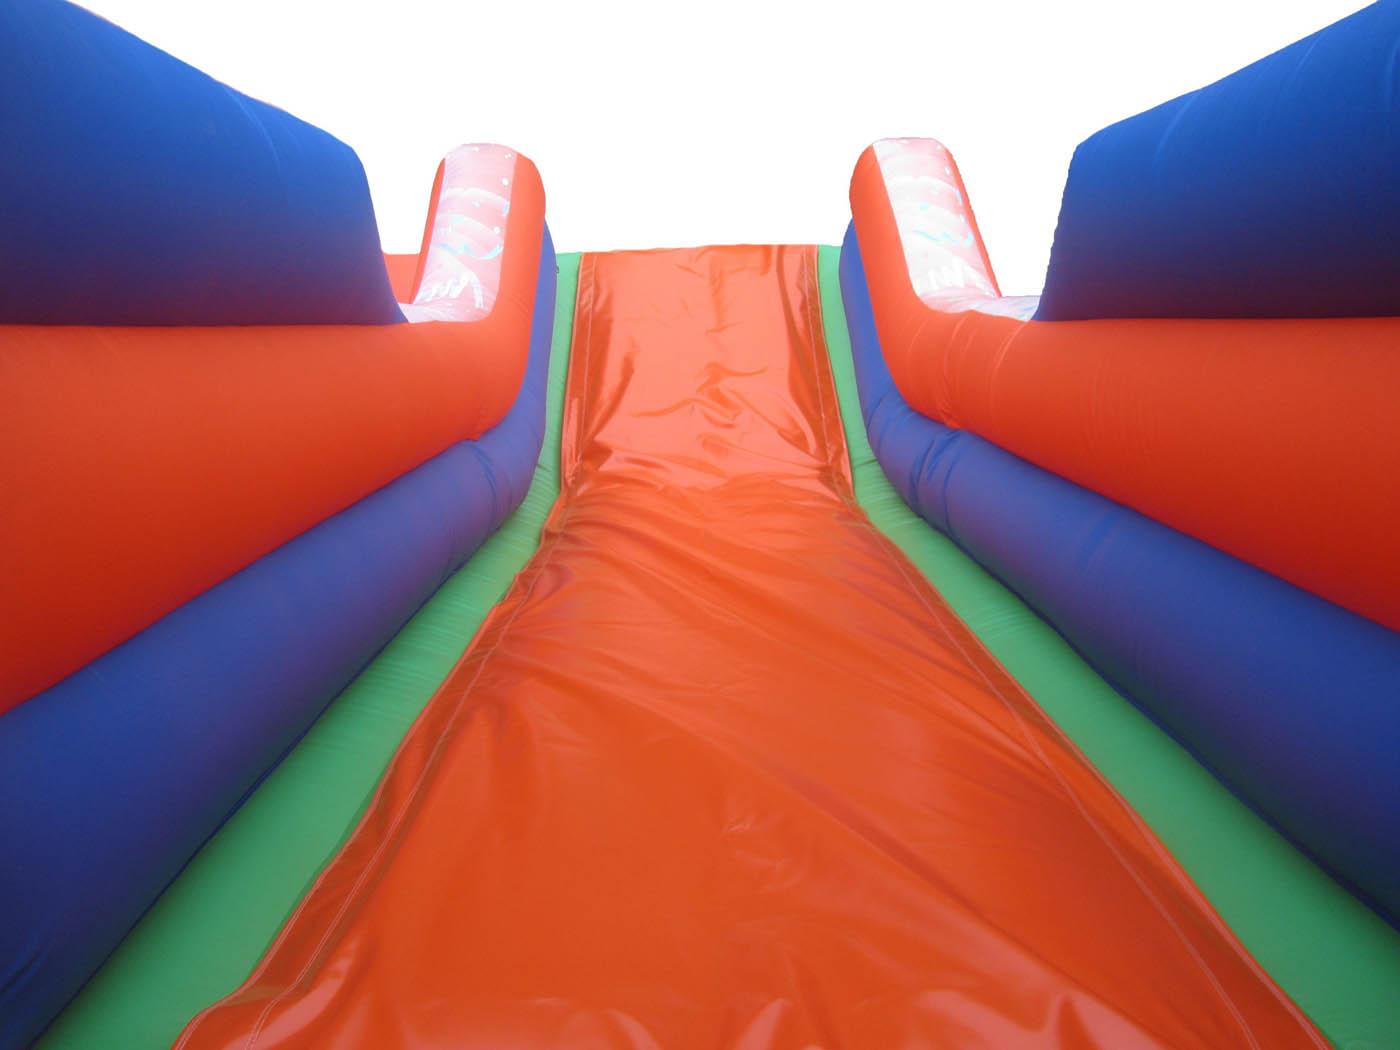 10ft Platform Bouncy Slide